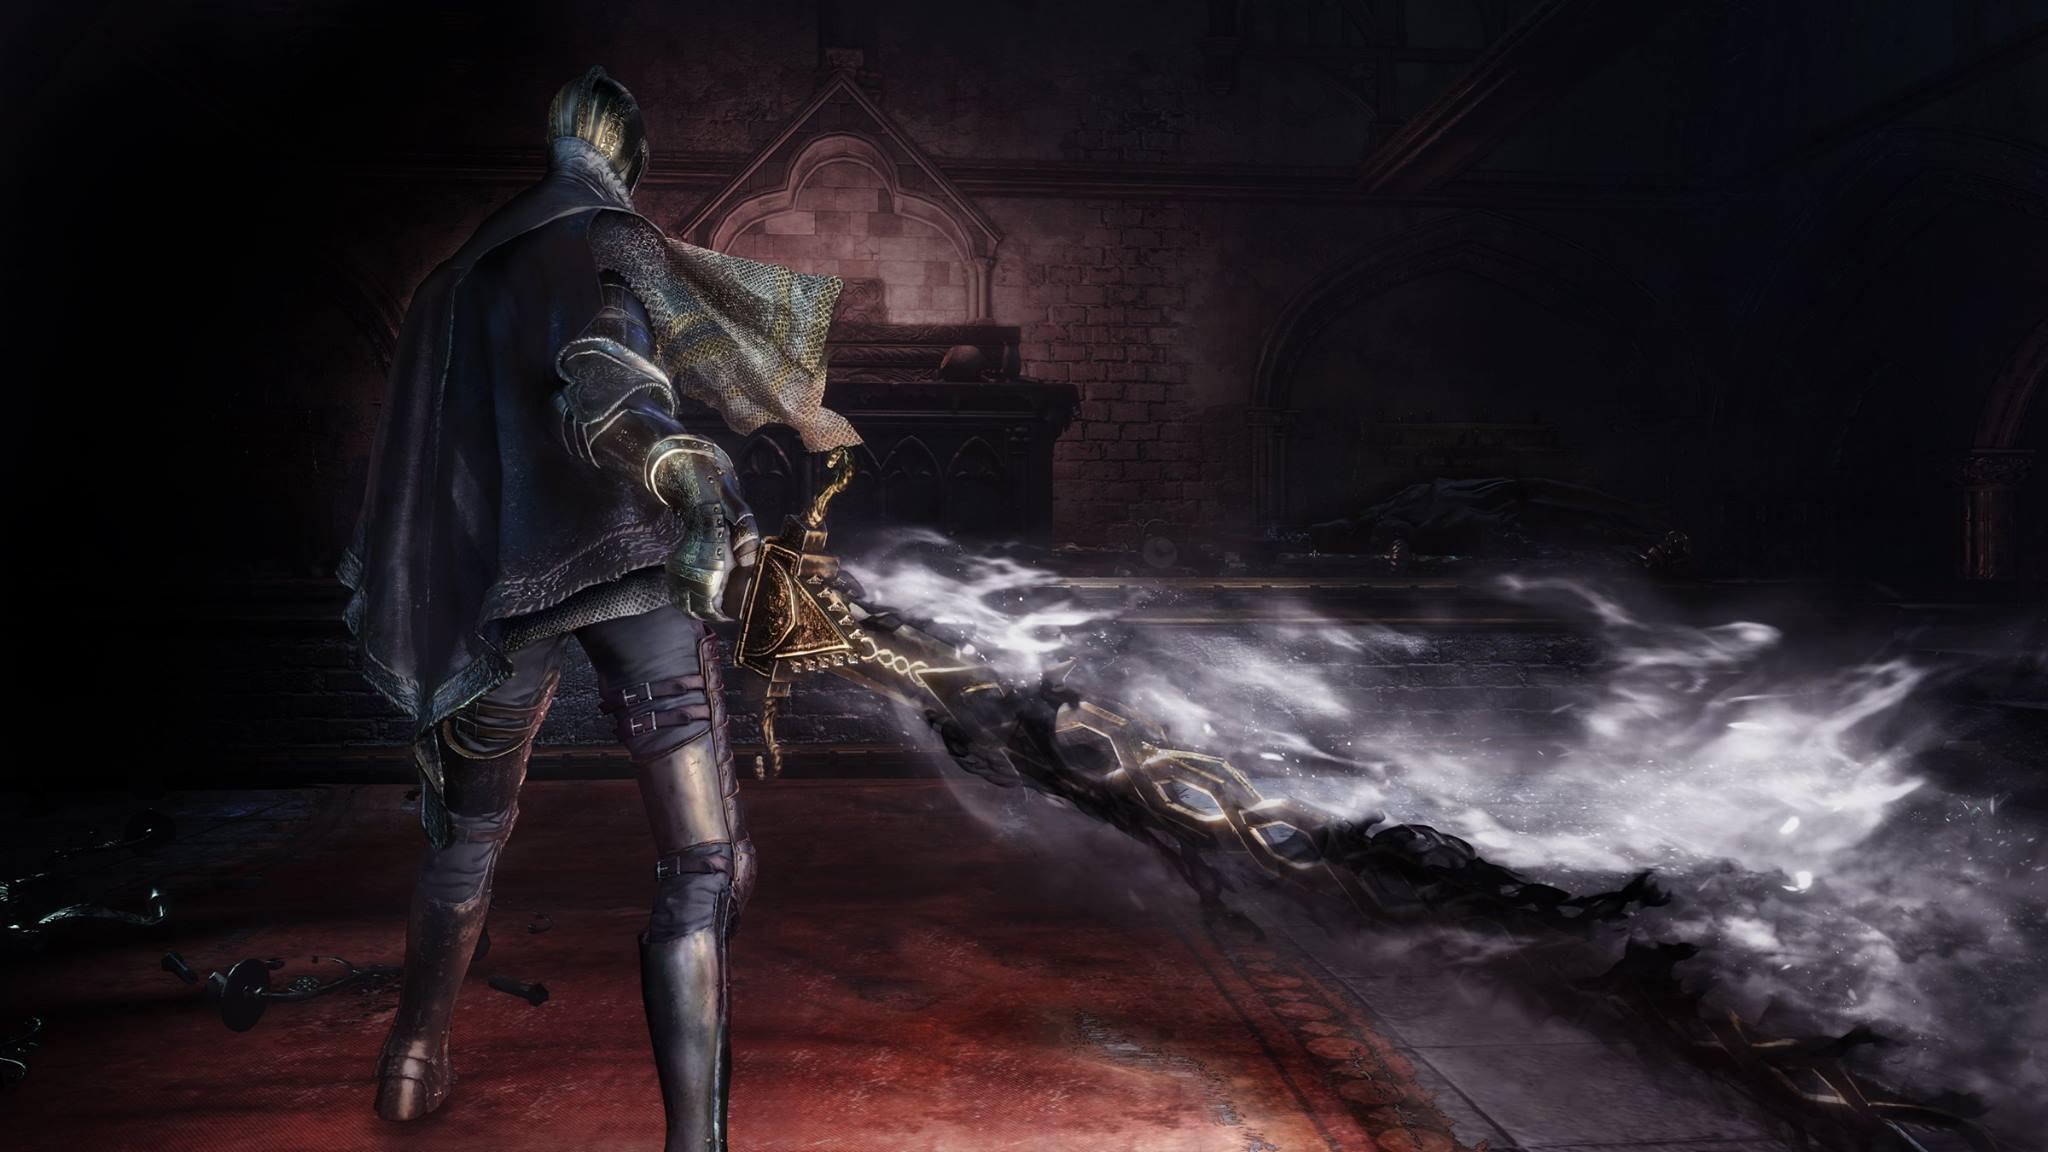 25. října vyjde první DLC pro Dark Souls 3 129417